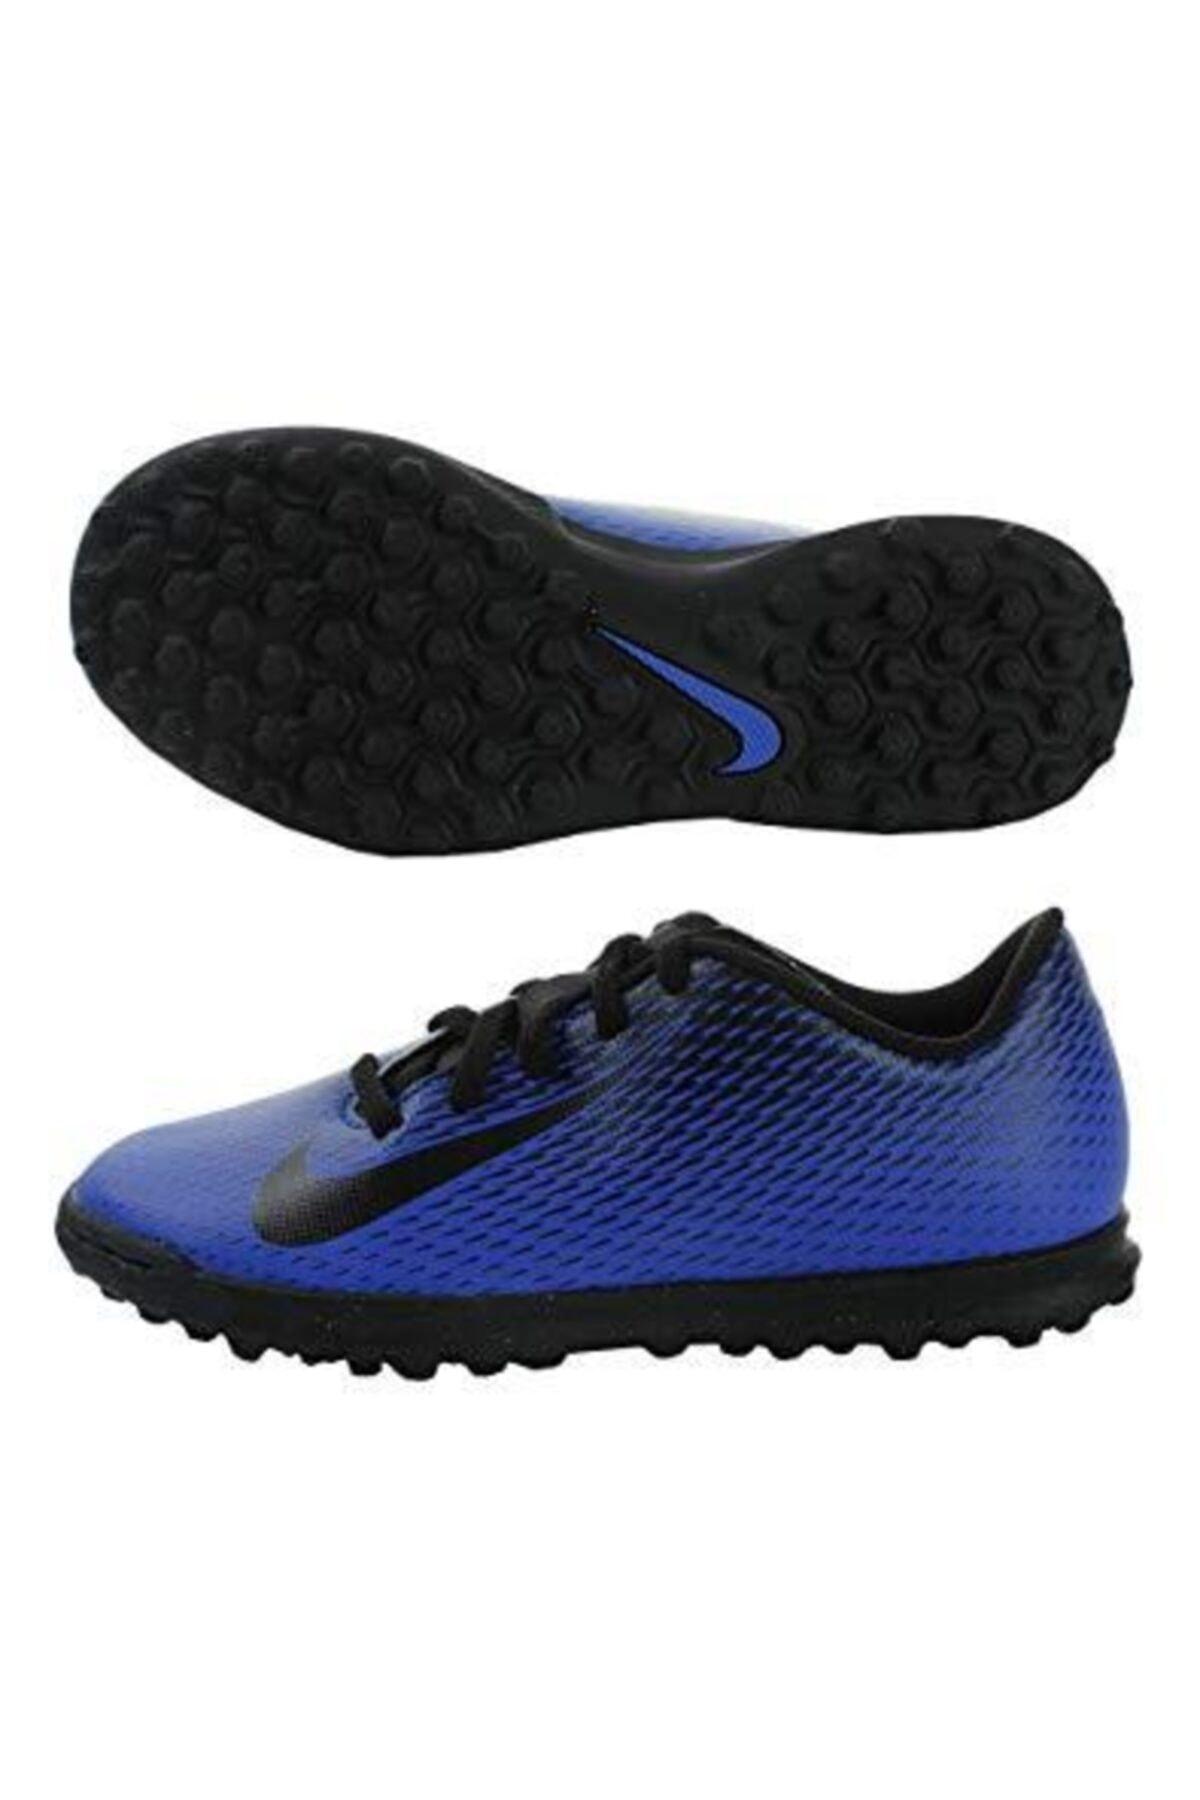 Nike Kids Erkek Lacivert Bravata 2 Tf Jr Halı Saha Ayakkabısı 1